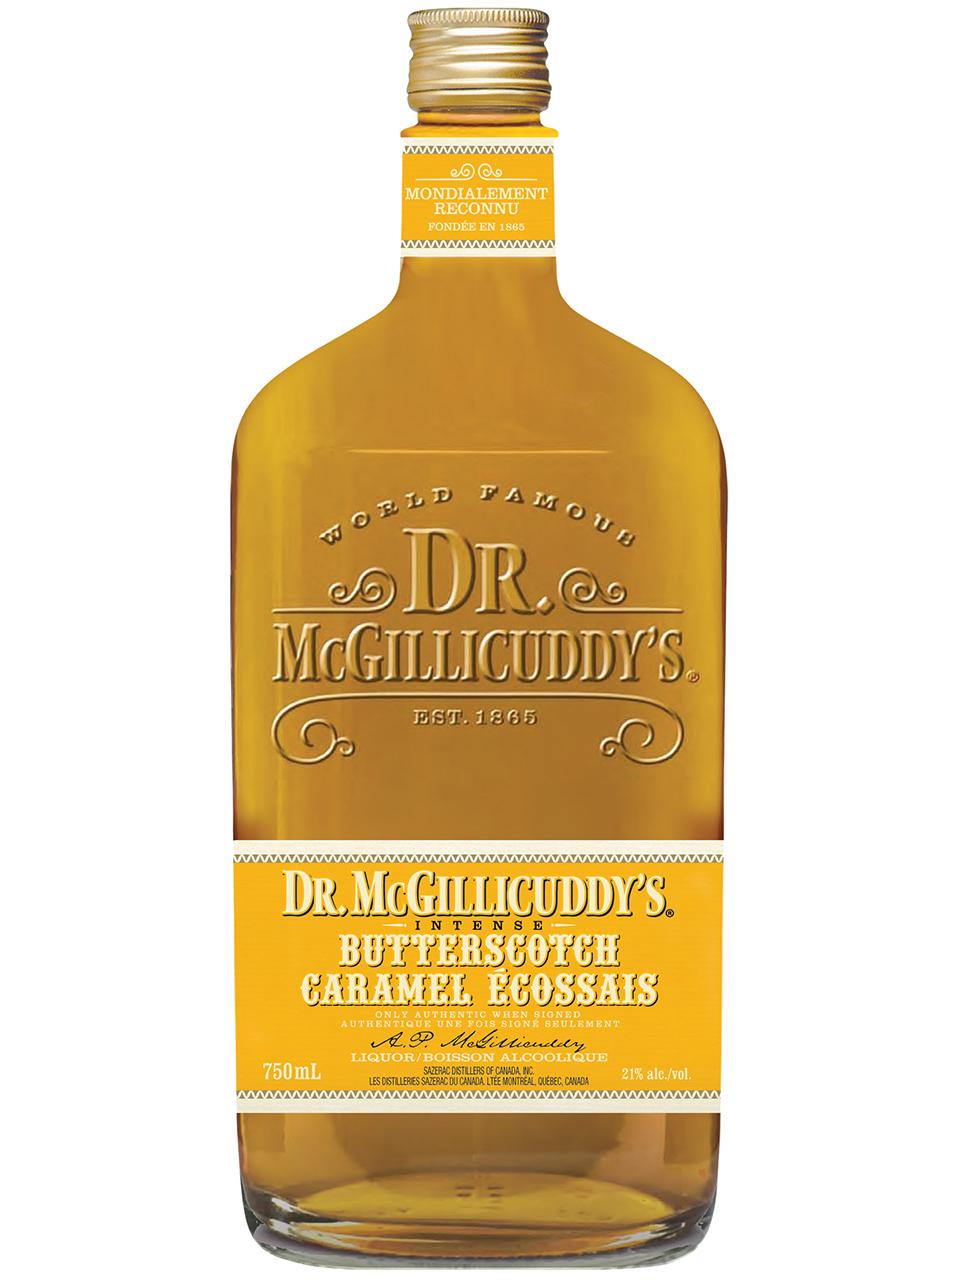 Dr. McGillicuddy's Intense Butterscotch